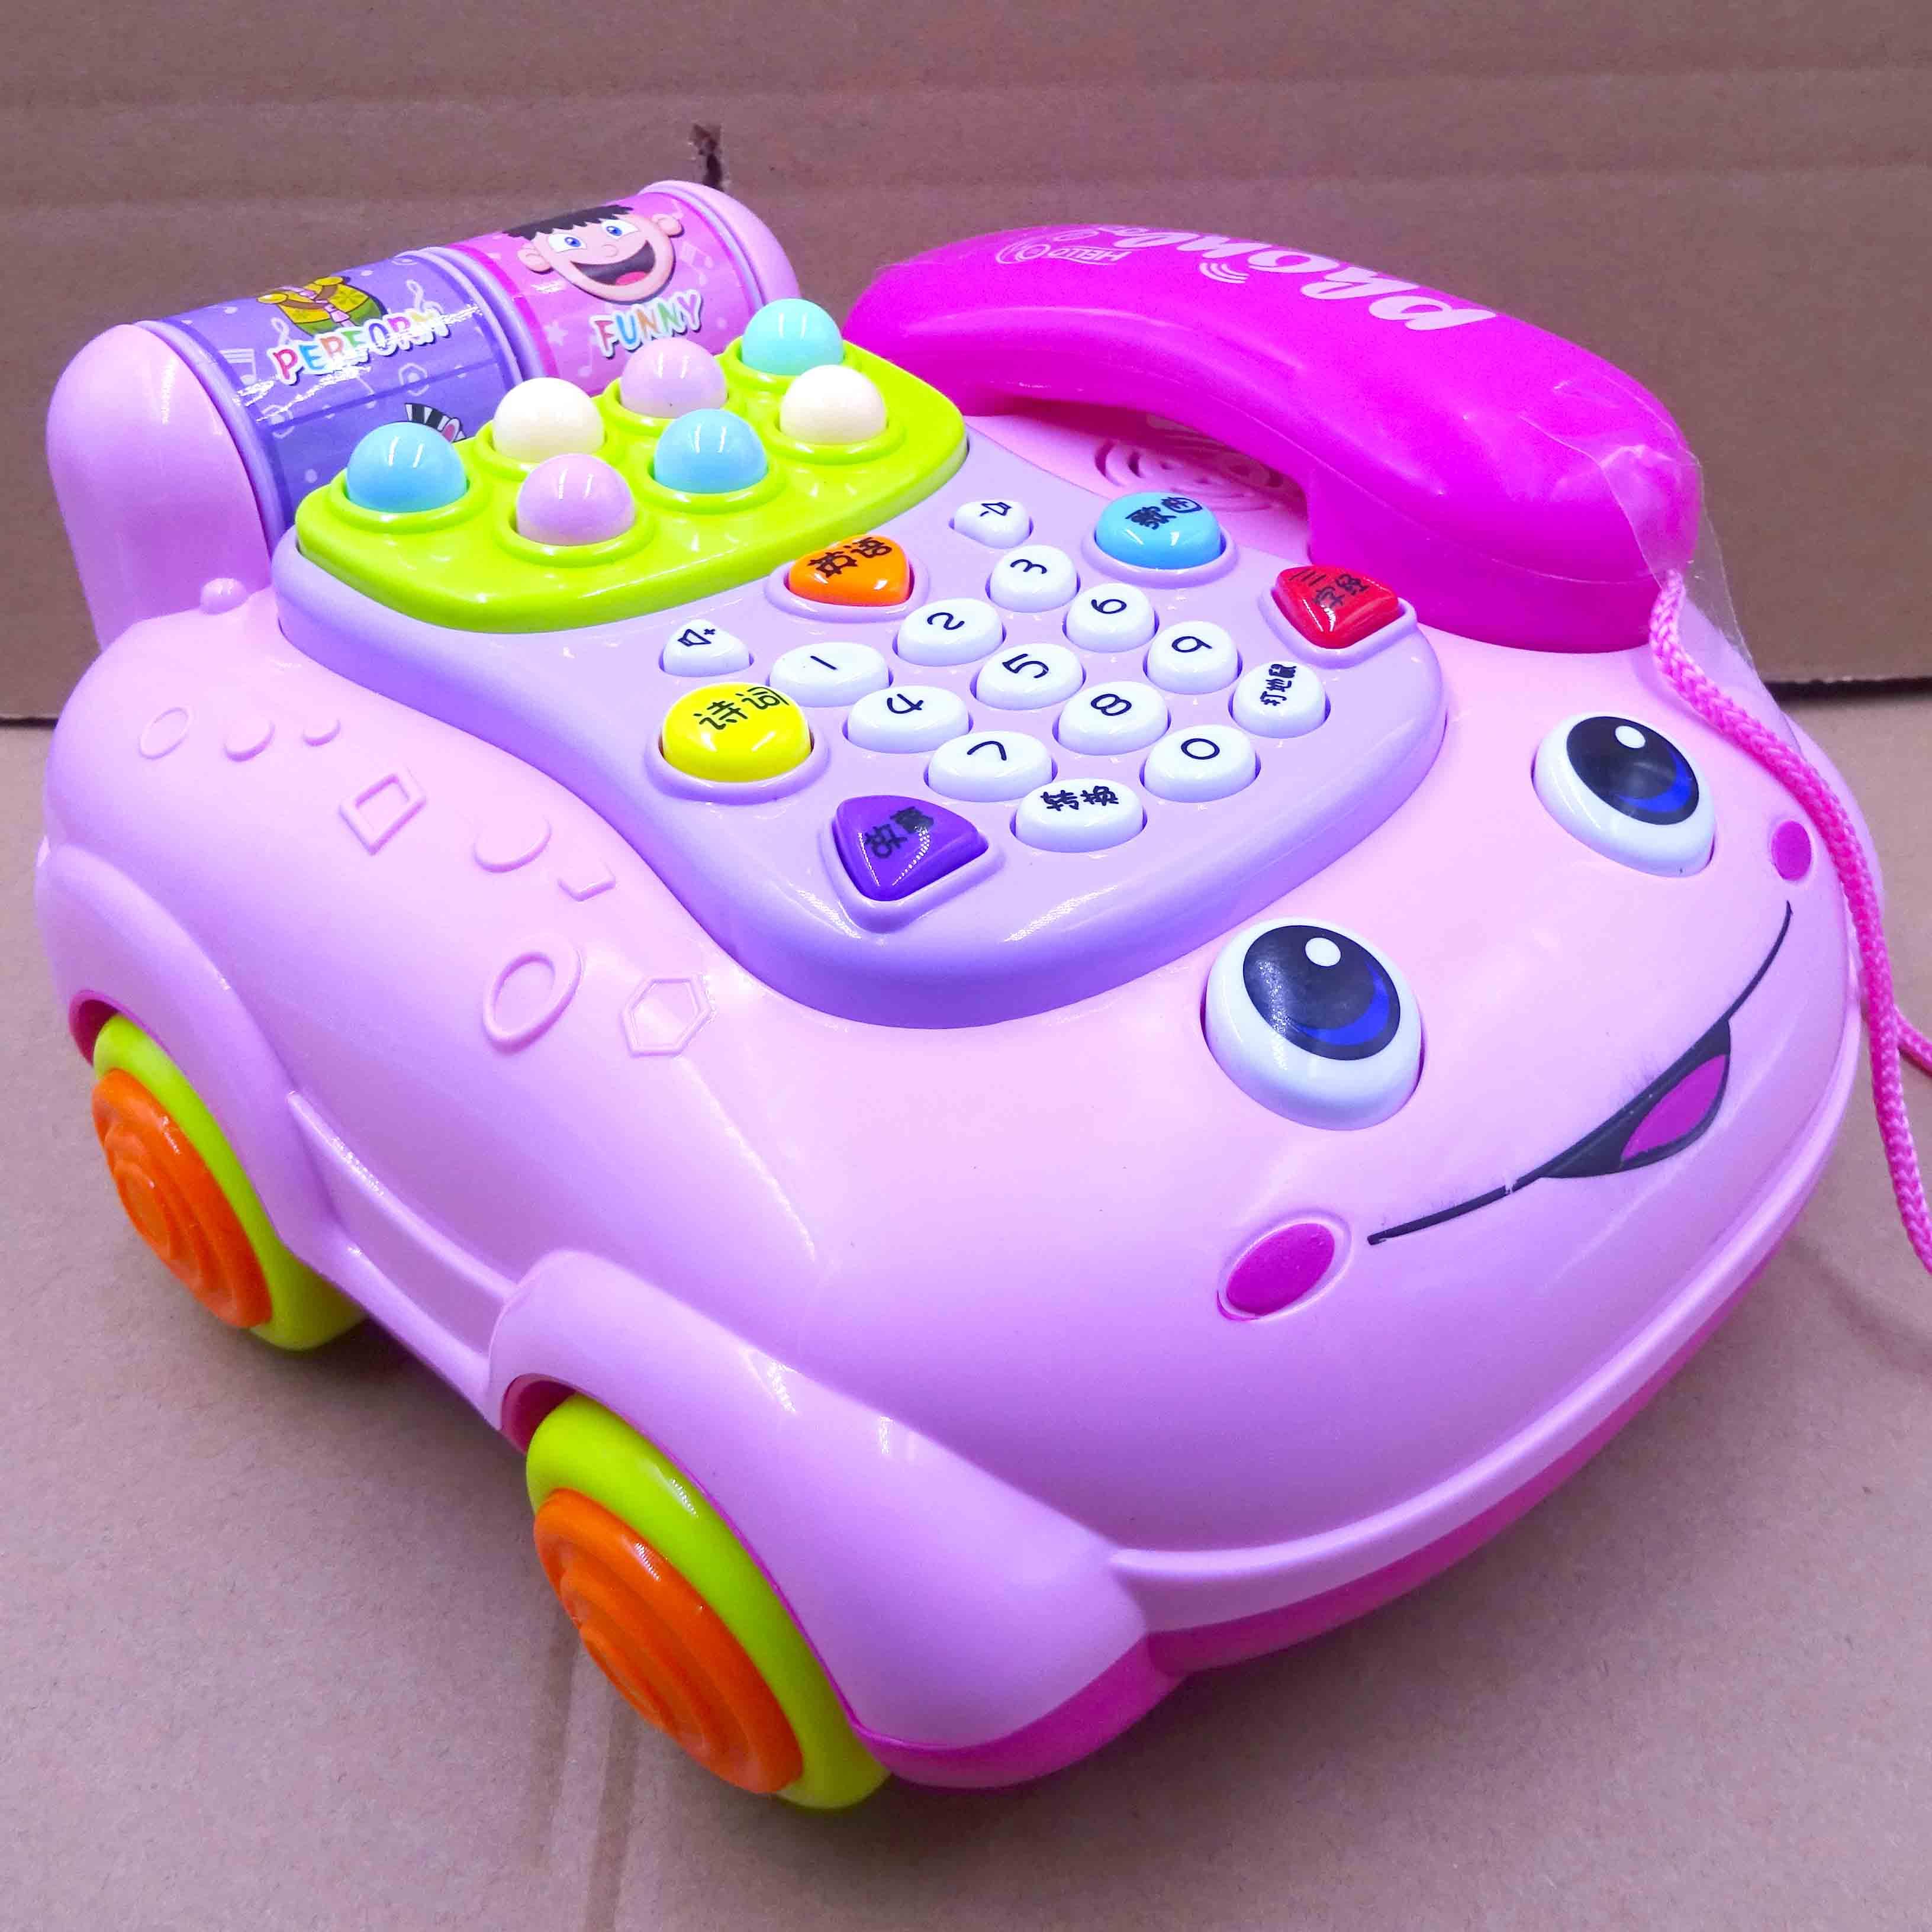 益智婴儿童电话玩具座机仿真 小孩宝宝玩具电话女孩男孩0-1-3-5岁